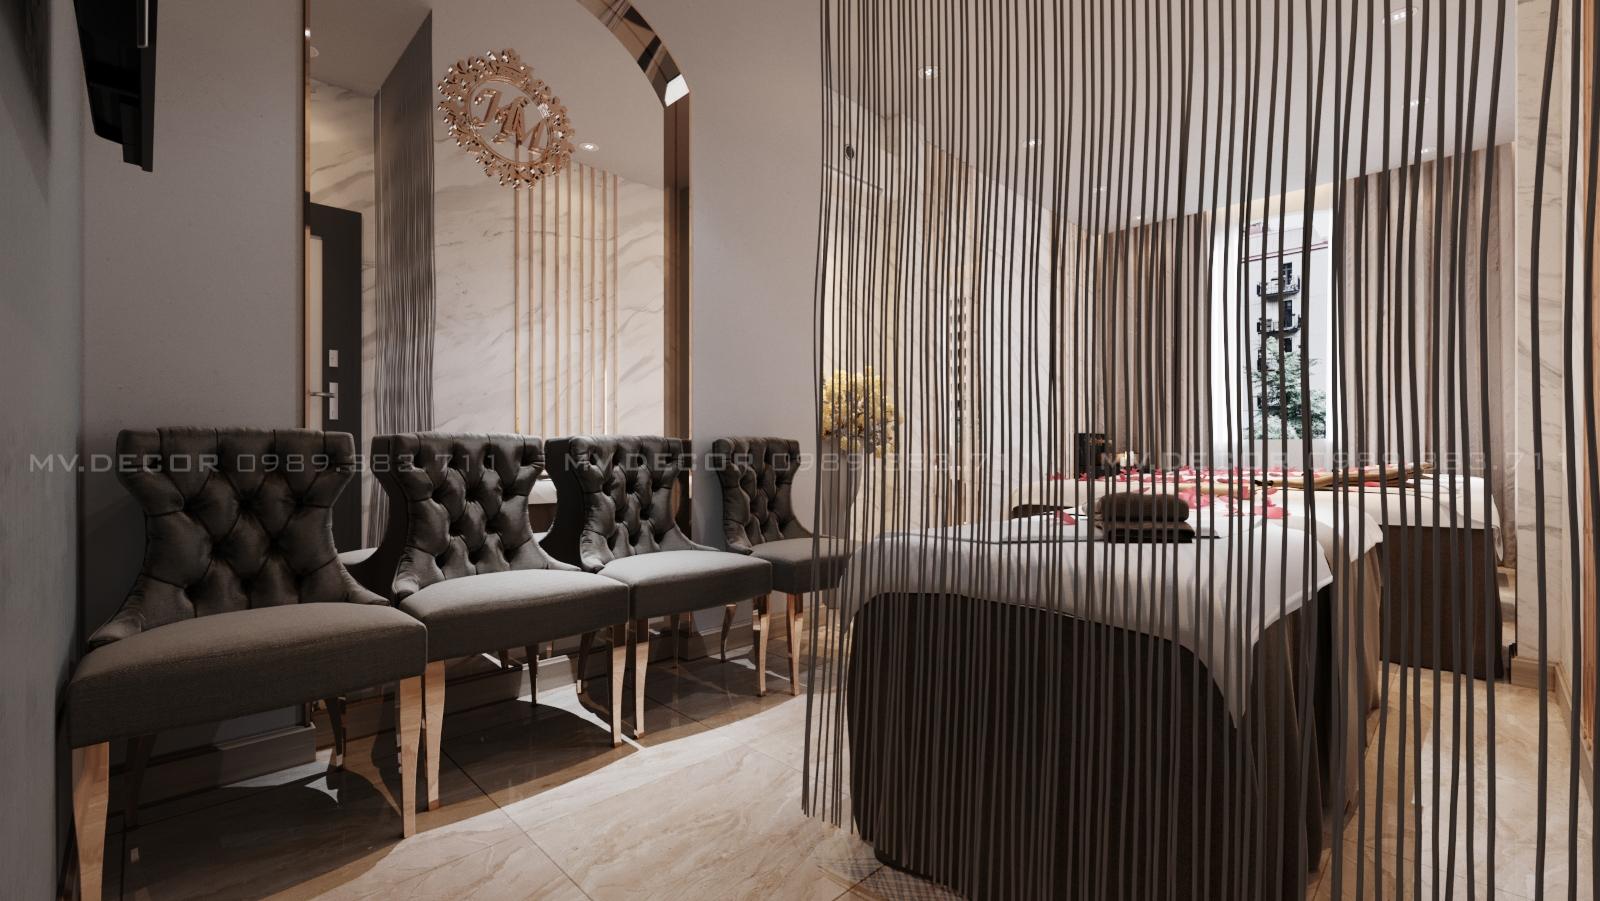 thiết kế nội thất Spa tại Hồ Chí Minh CHI NHÁNH MI HƯƠNG SPA HỒ CHÍ MINH 6 1562719798